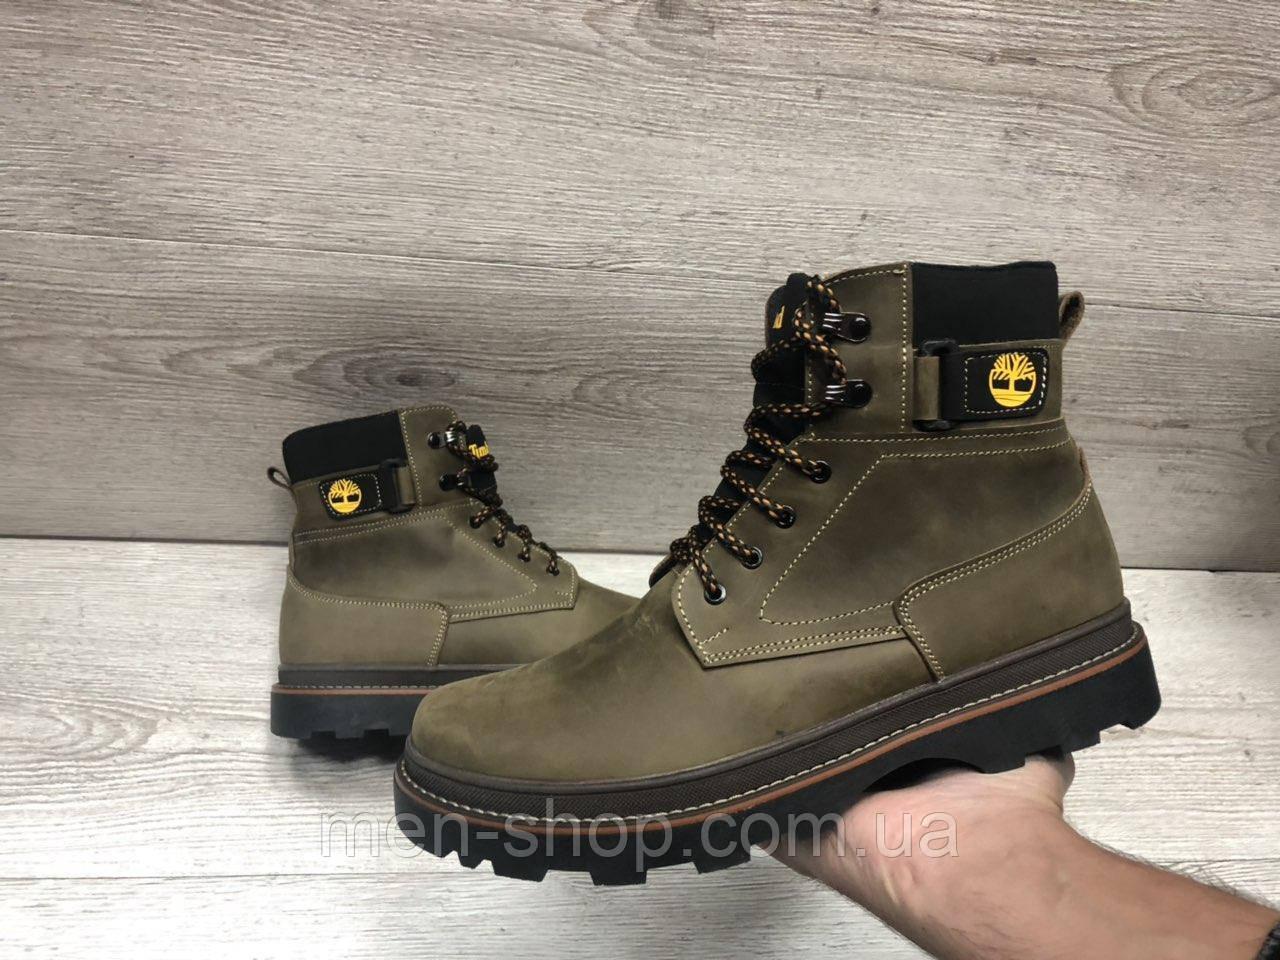 Зимние мужские ботинки с мехом  в стиле Timberland